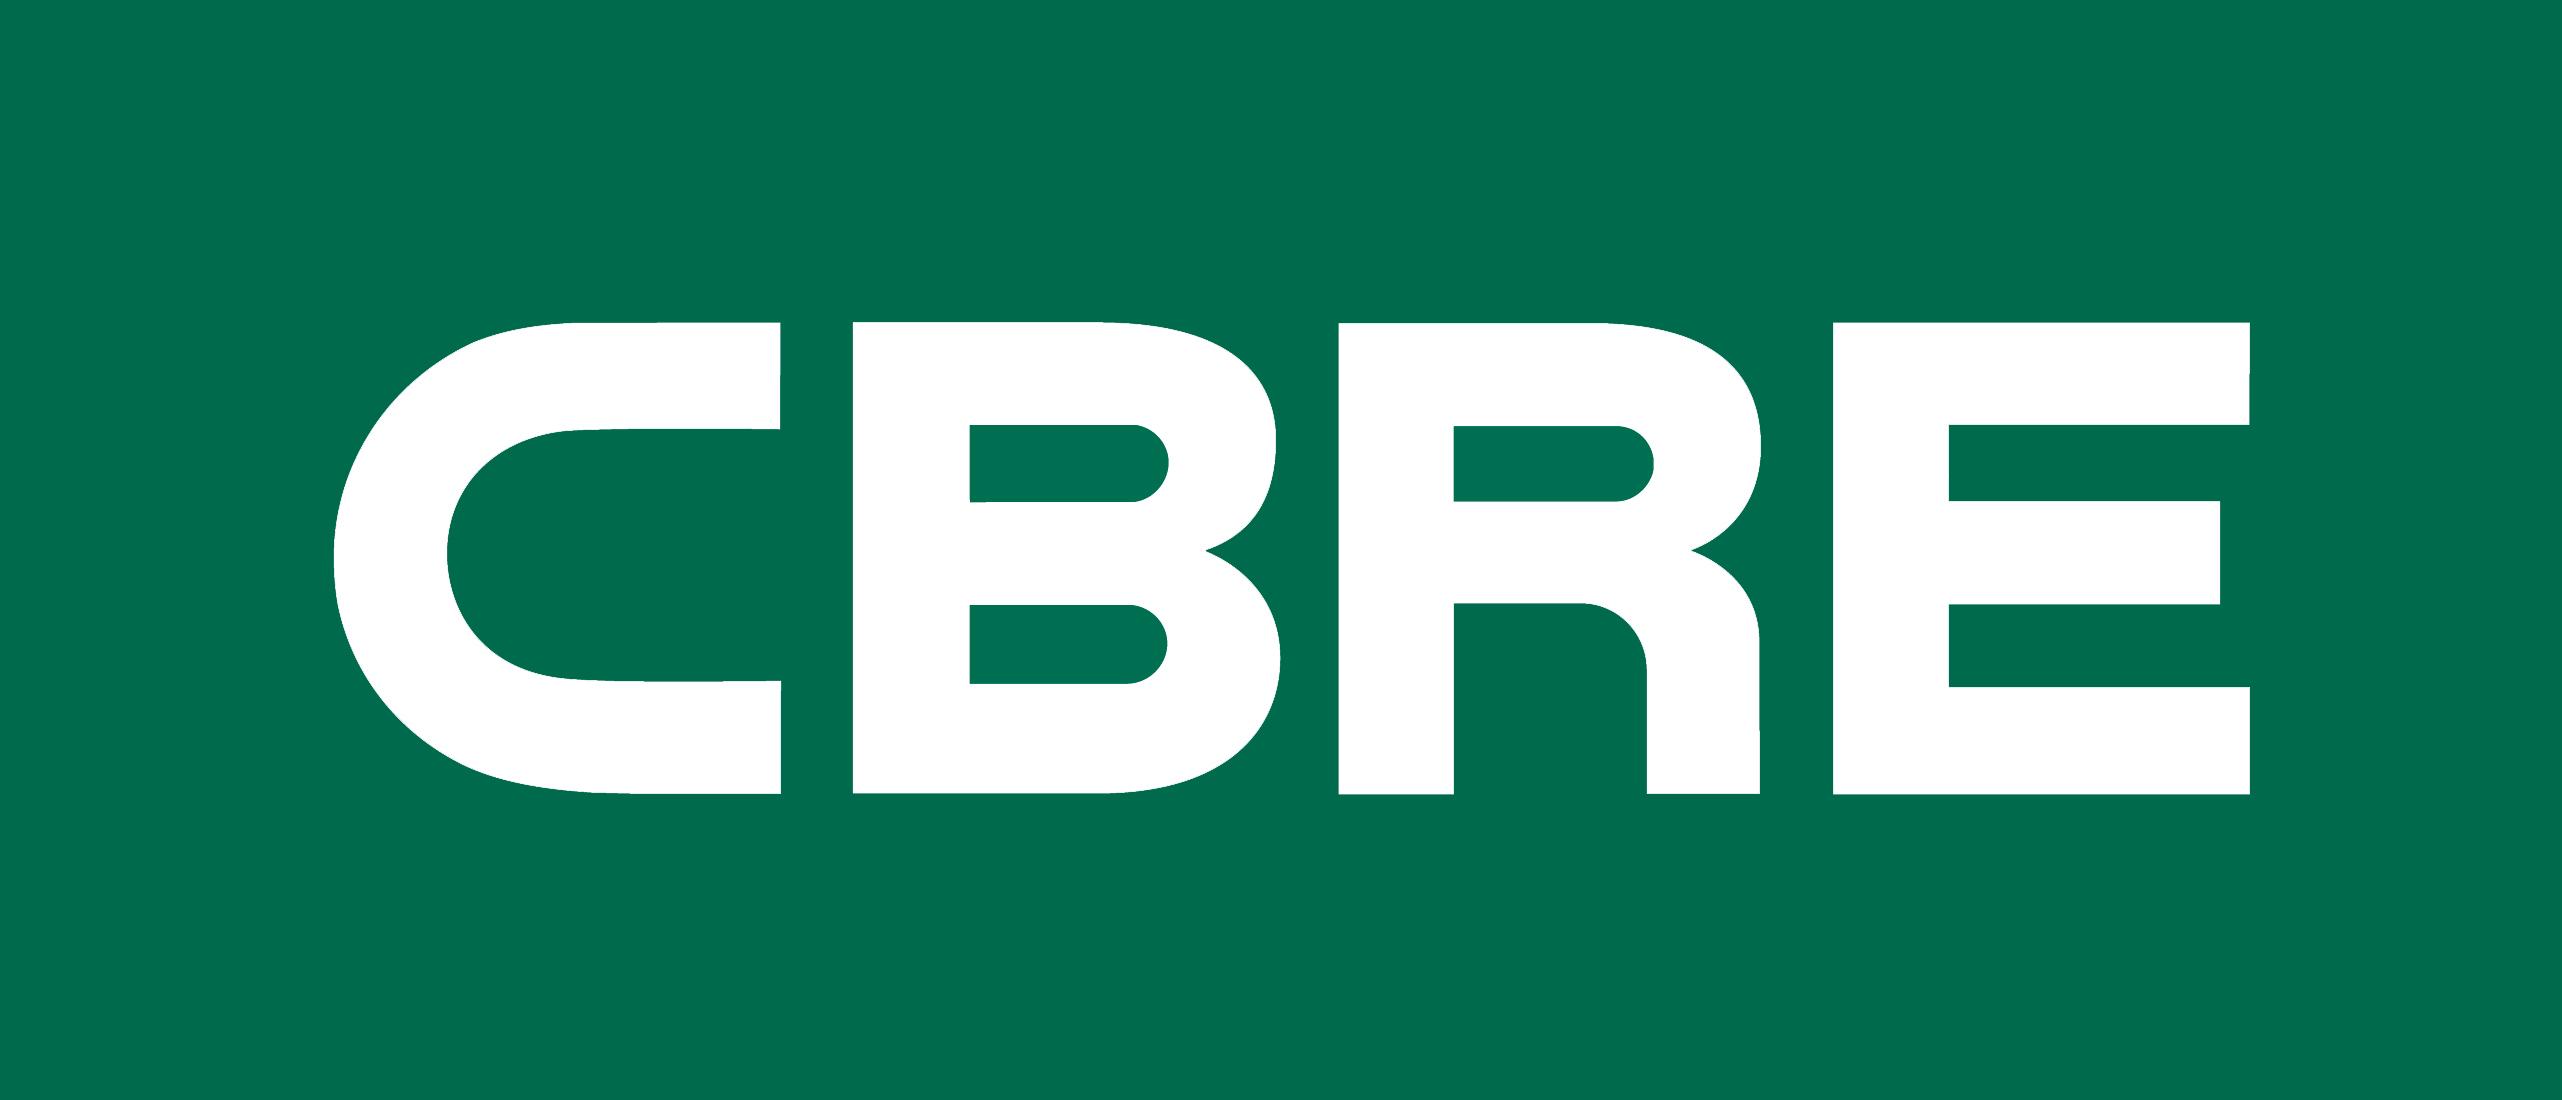 2011_CBRE_Logo_Green_negative - high res